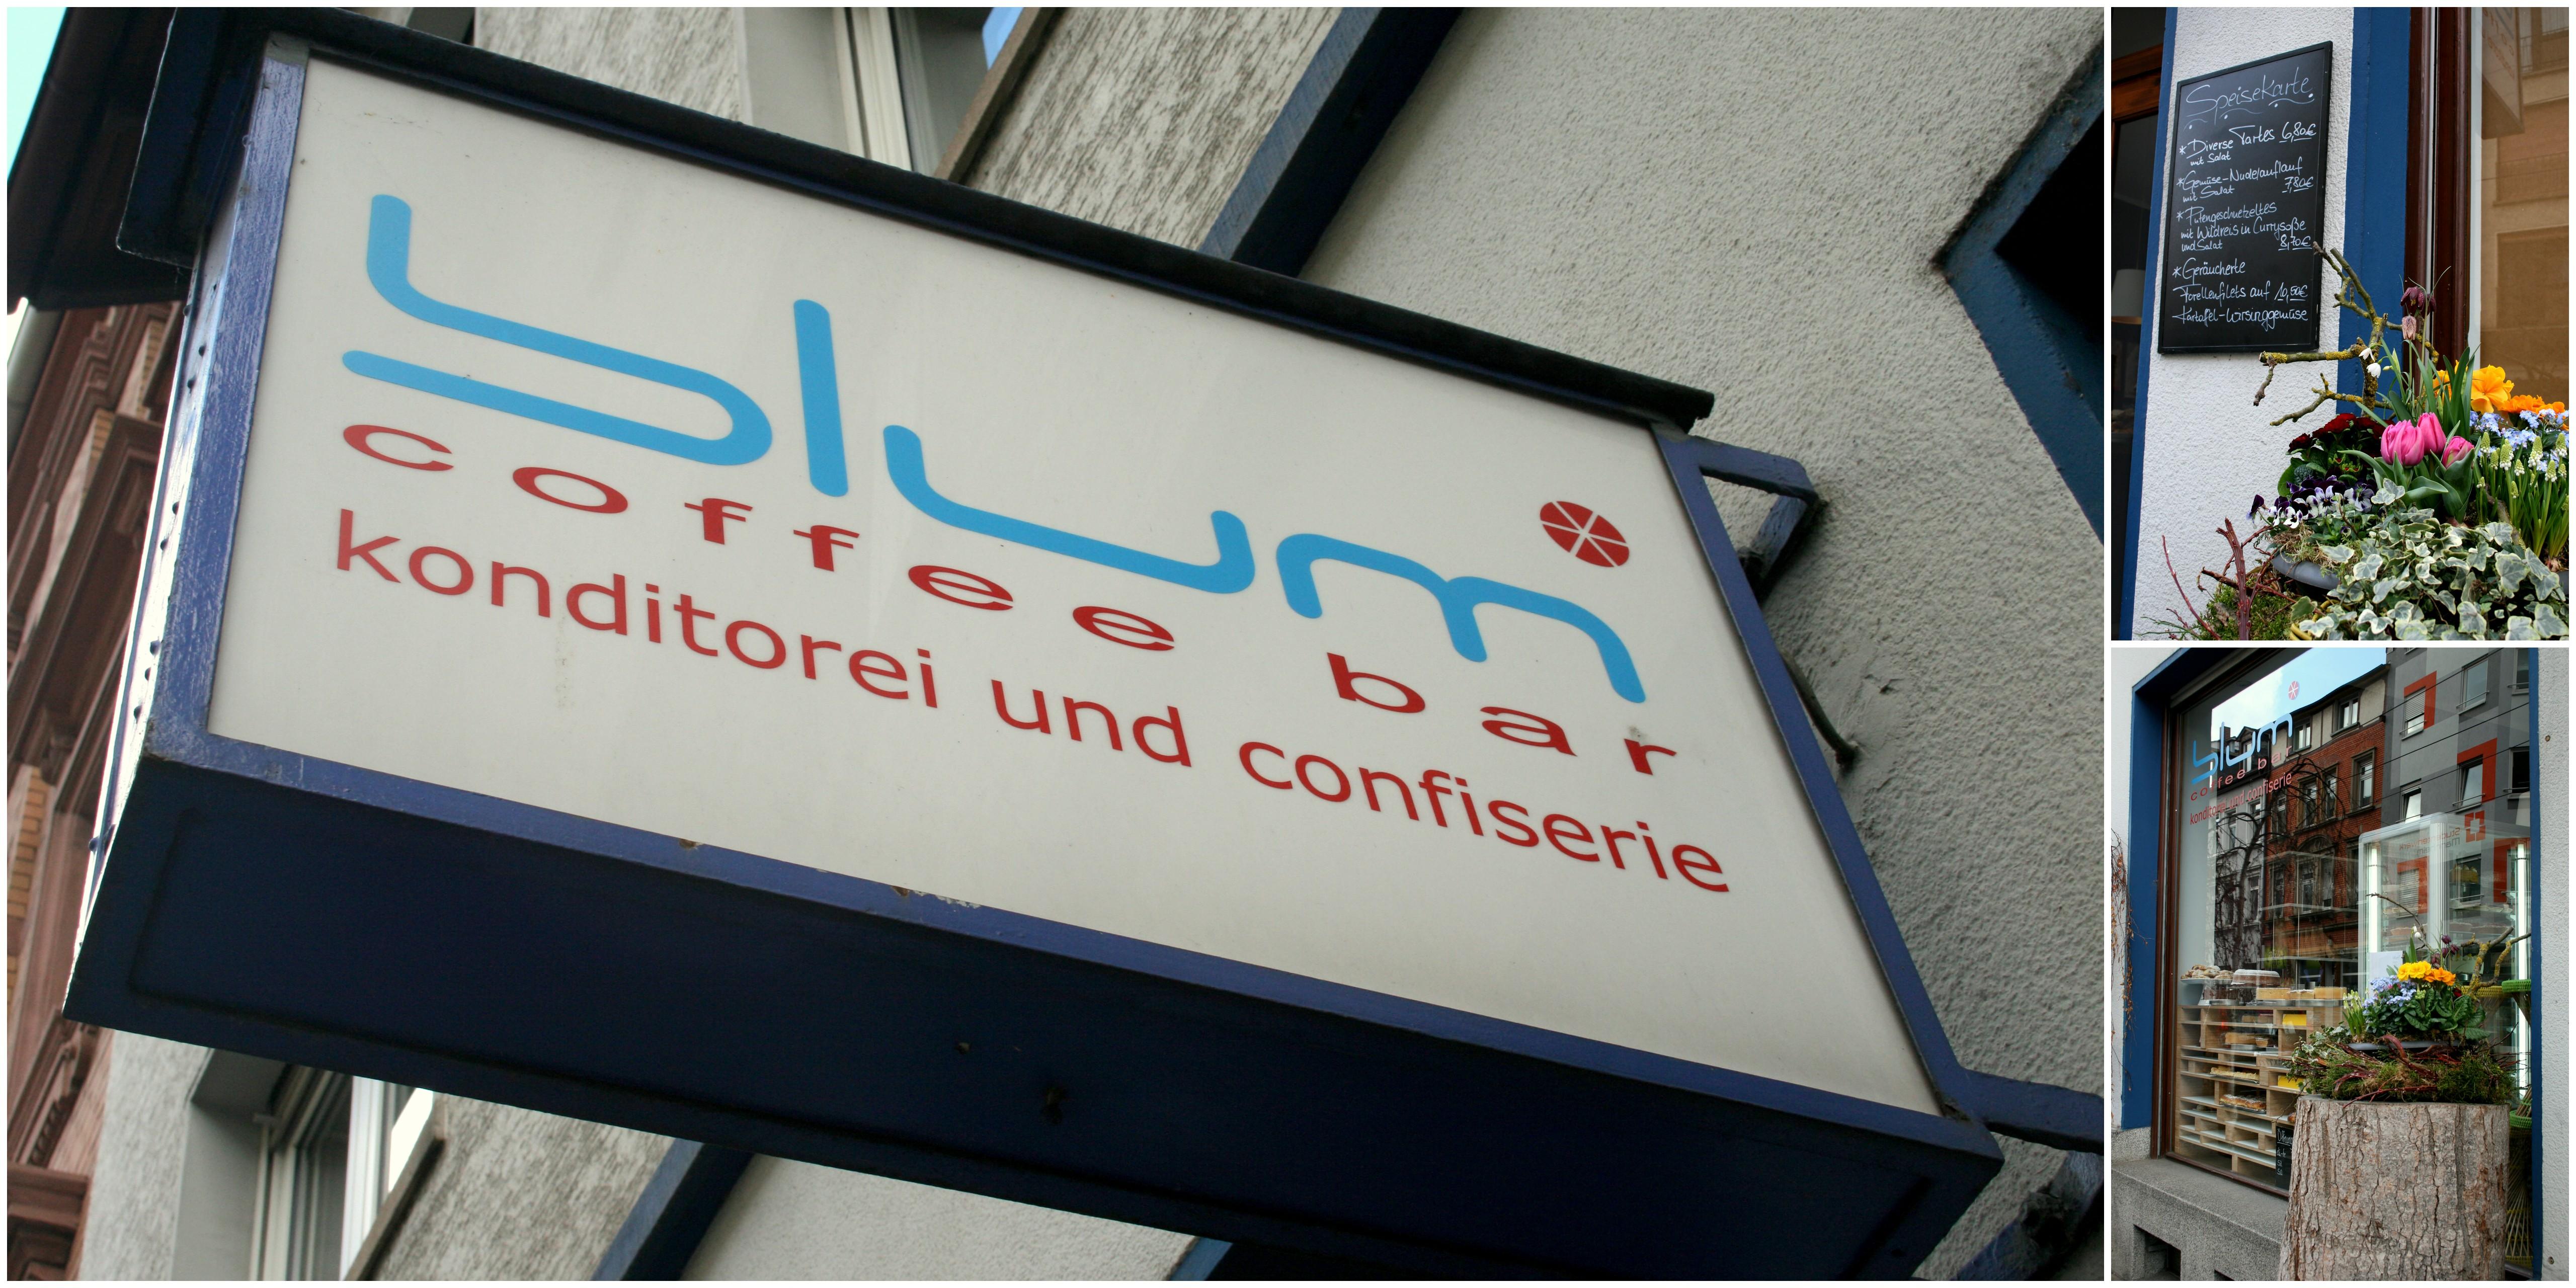 Mannheim Blum Coffee Bar Konditorei Und Confiserie Das Paradies